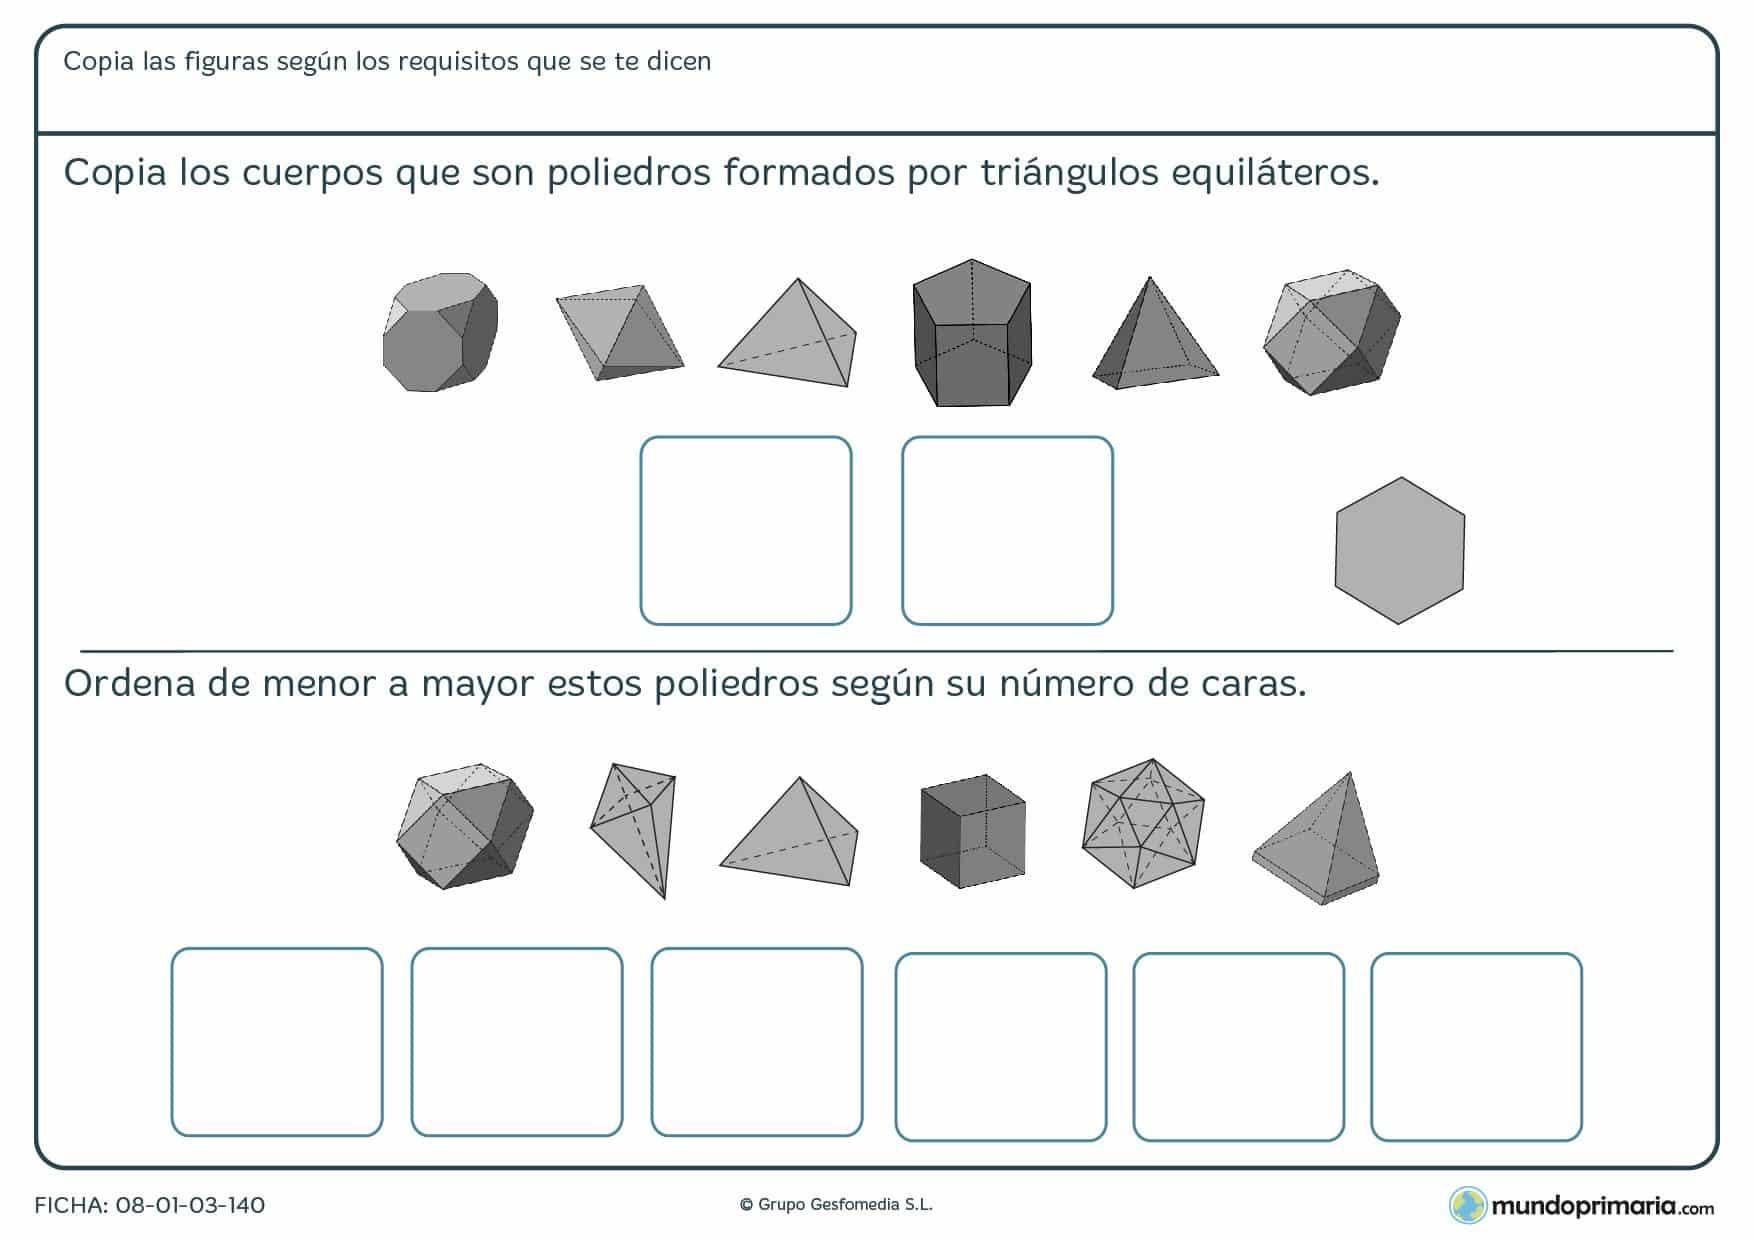 Ficha de poliedros triangulares en los que debes buscar los que tengan sus caras de equilateros.